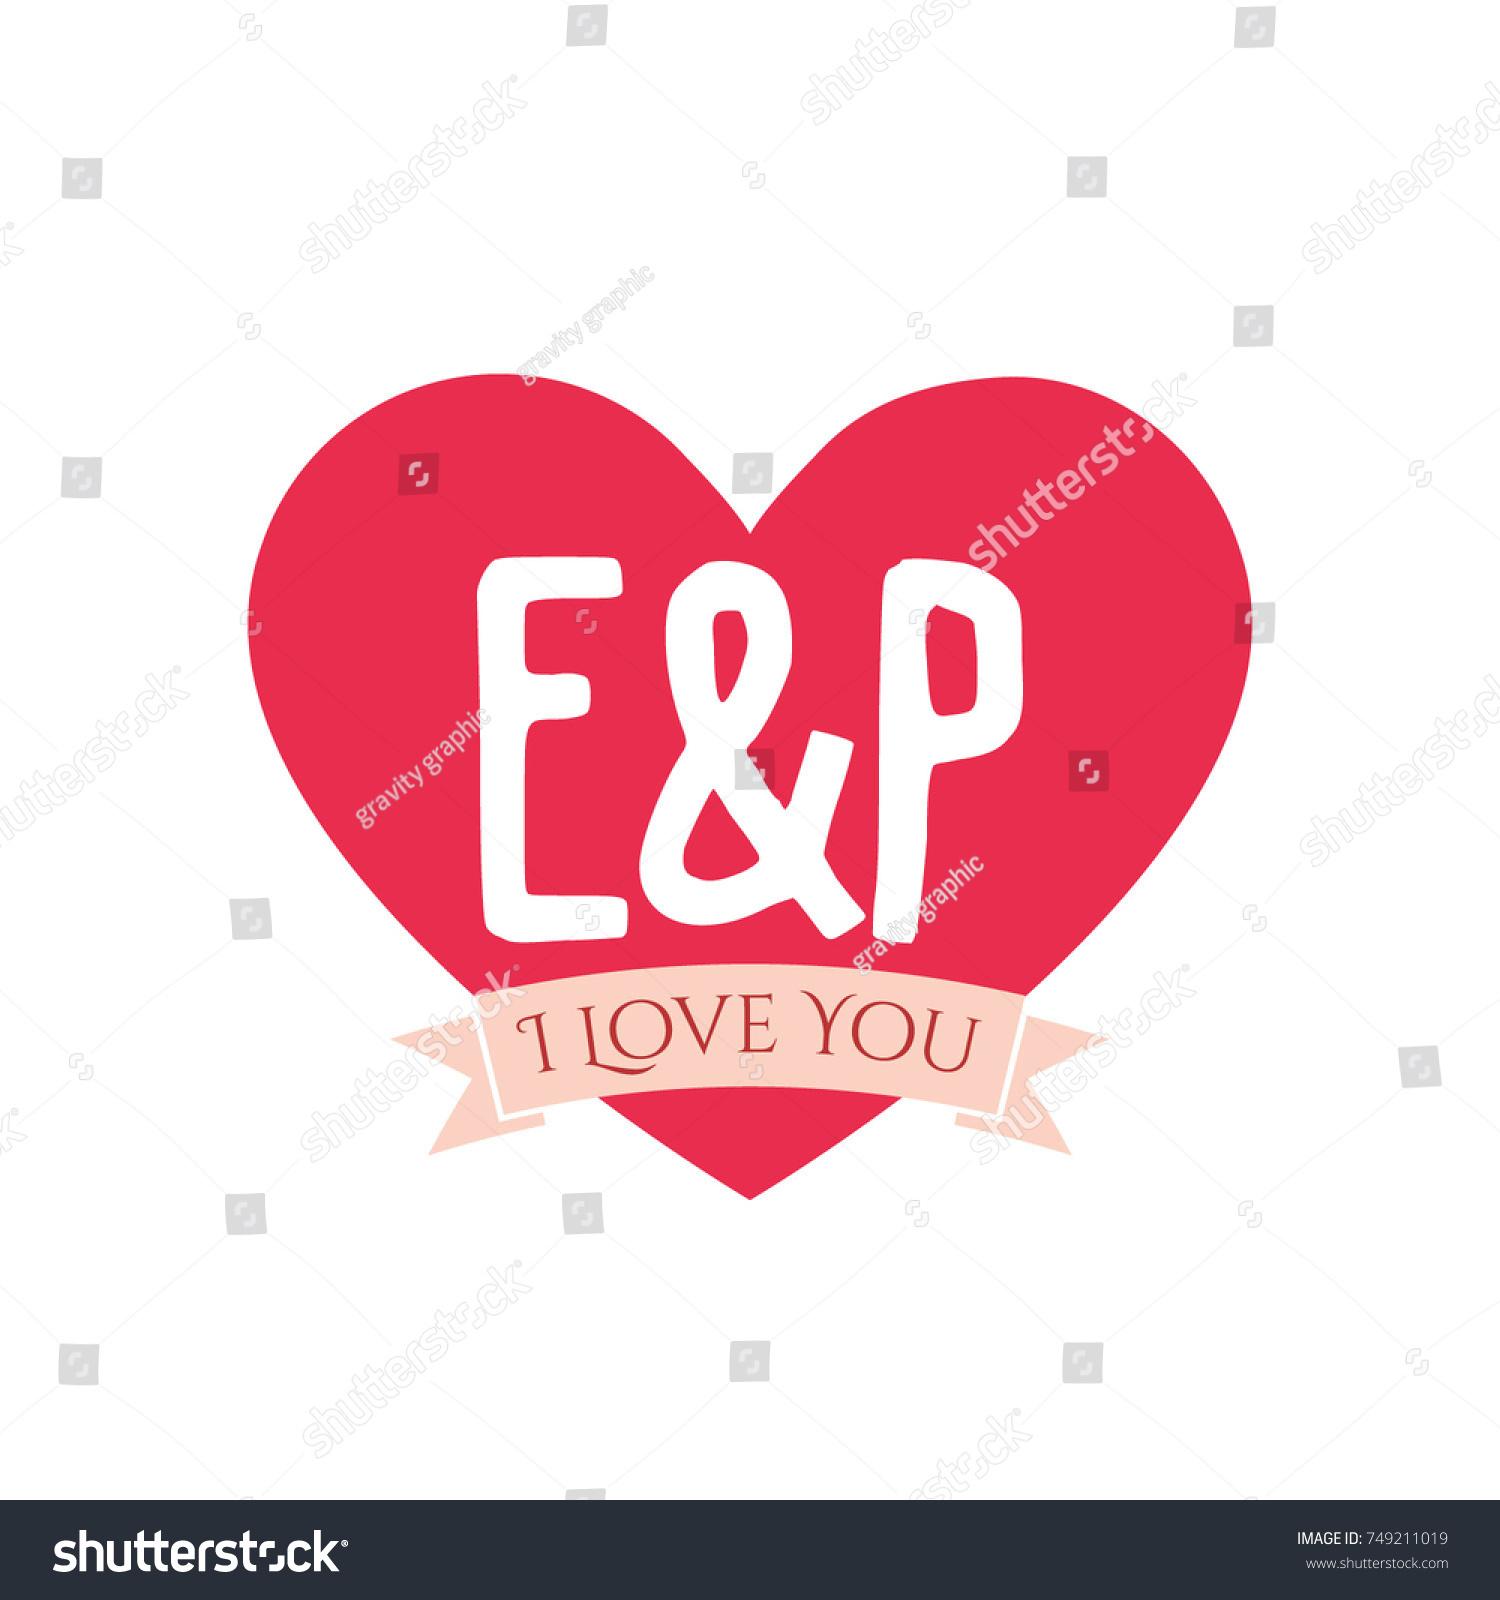 E P Letter Inside Heart St Stock Vector Royalty Free 749211019